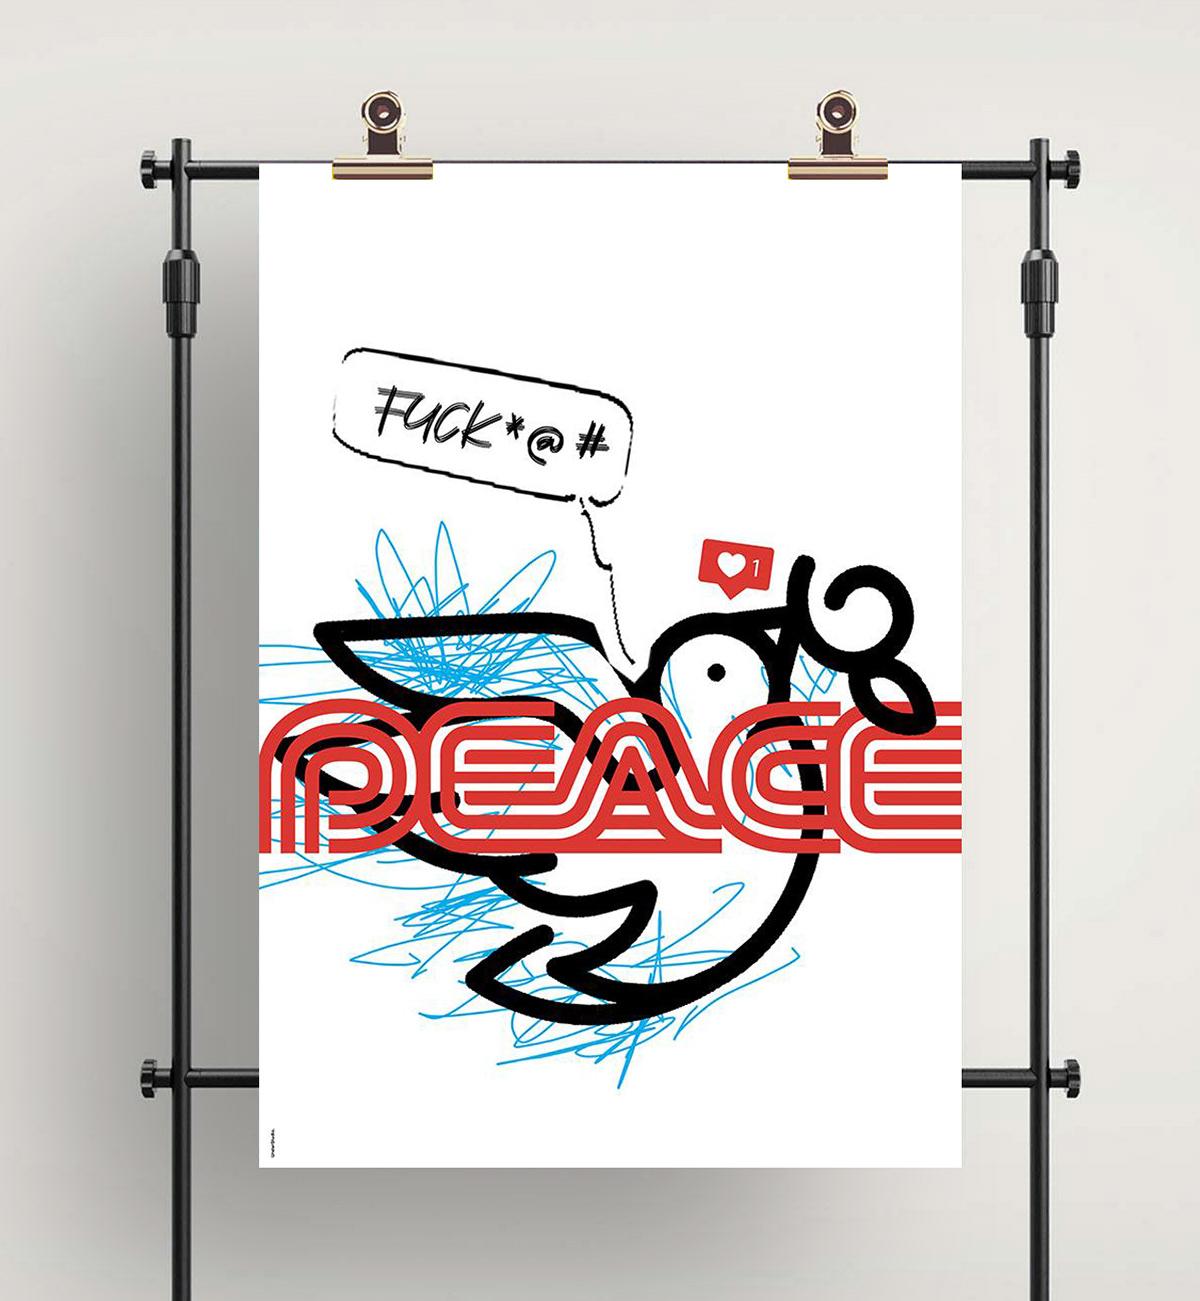 peace Francesco Mazzenga colomba Exhibition  ILLUSTRATION  illustrazione design poster